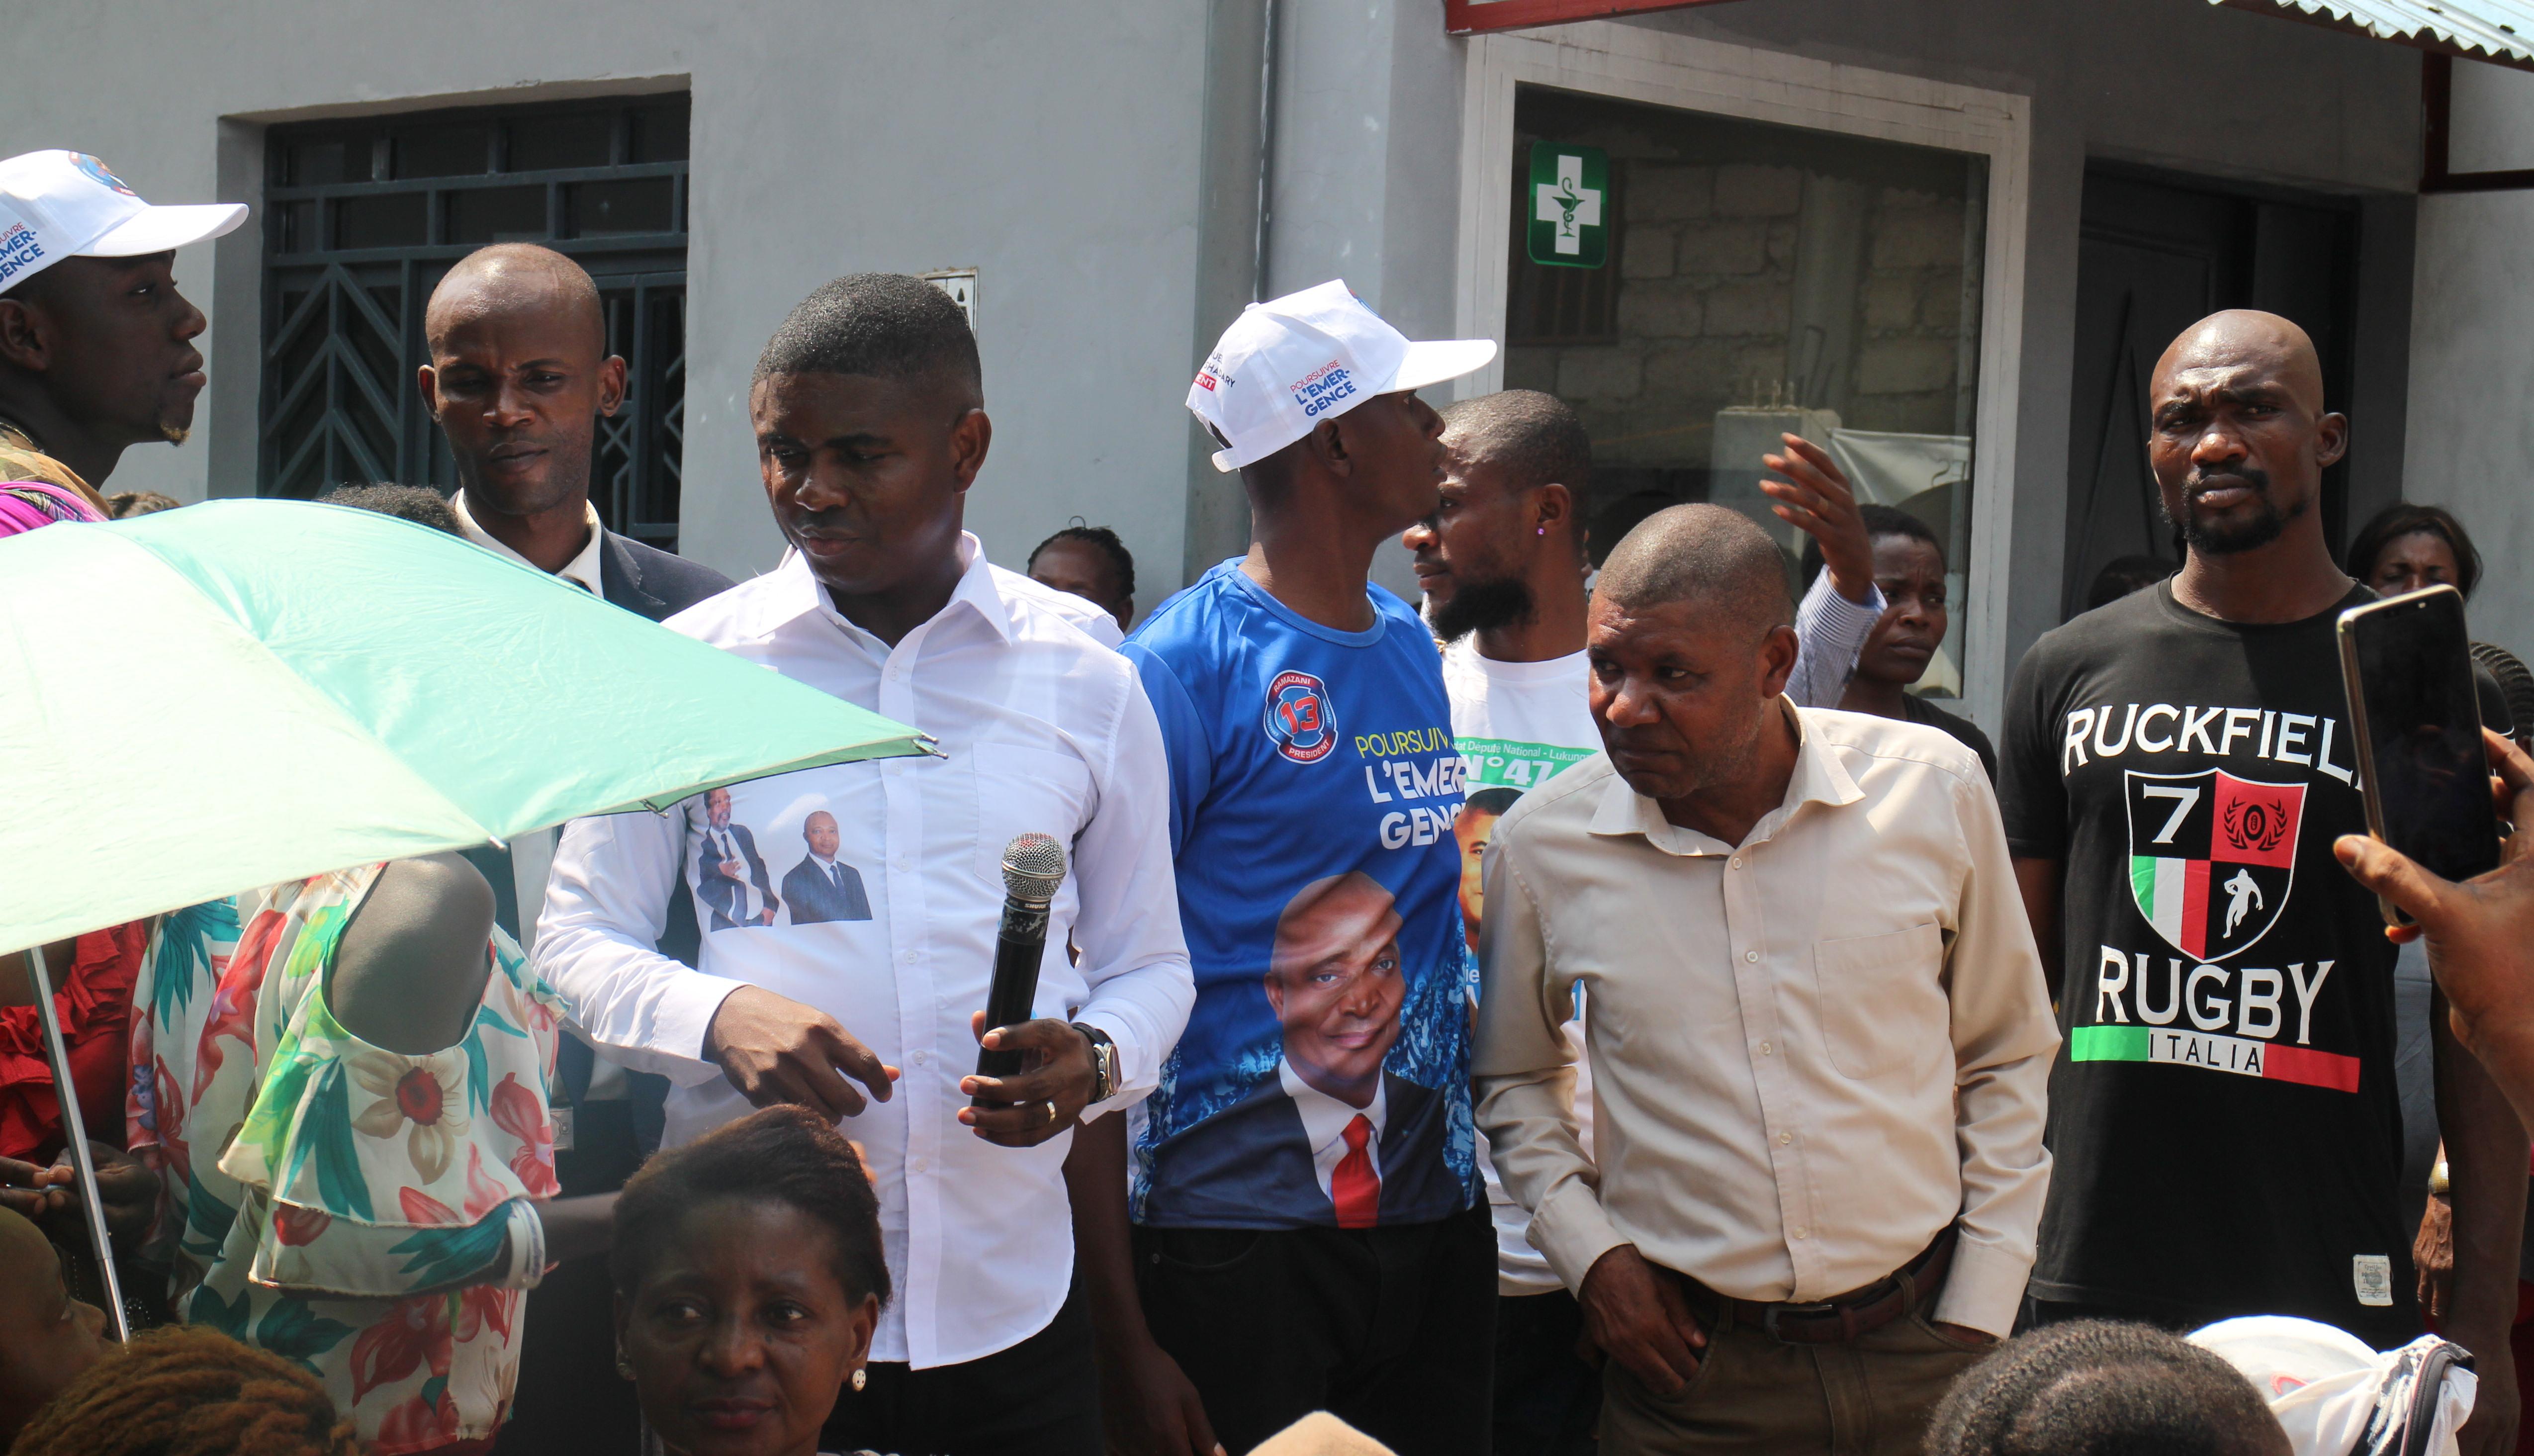 Le ministre Bienvenu Liyota, candidat aux législatives à Lukunga, entouré de ses sympathisants, le 11 novembre à Kinshasa.